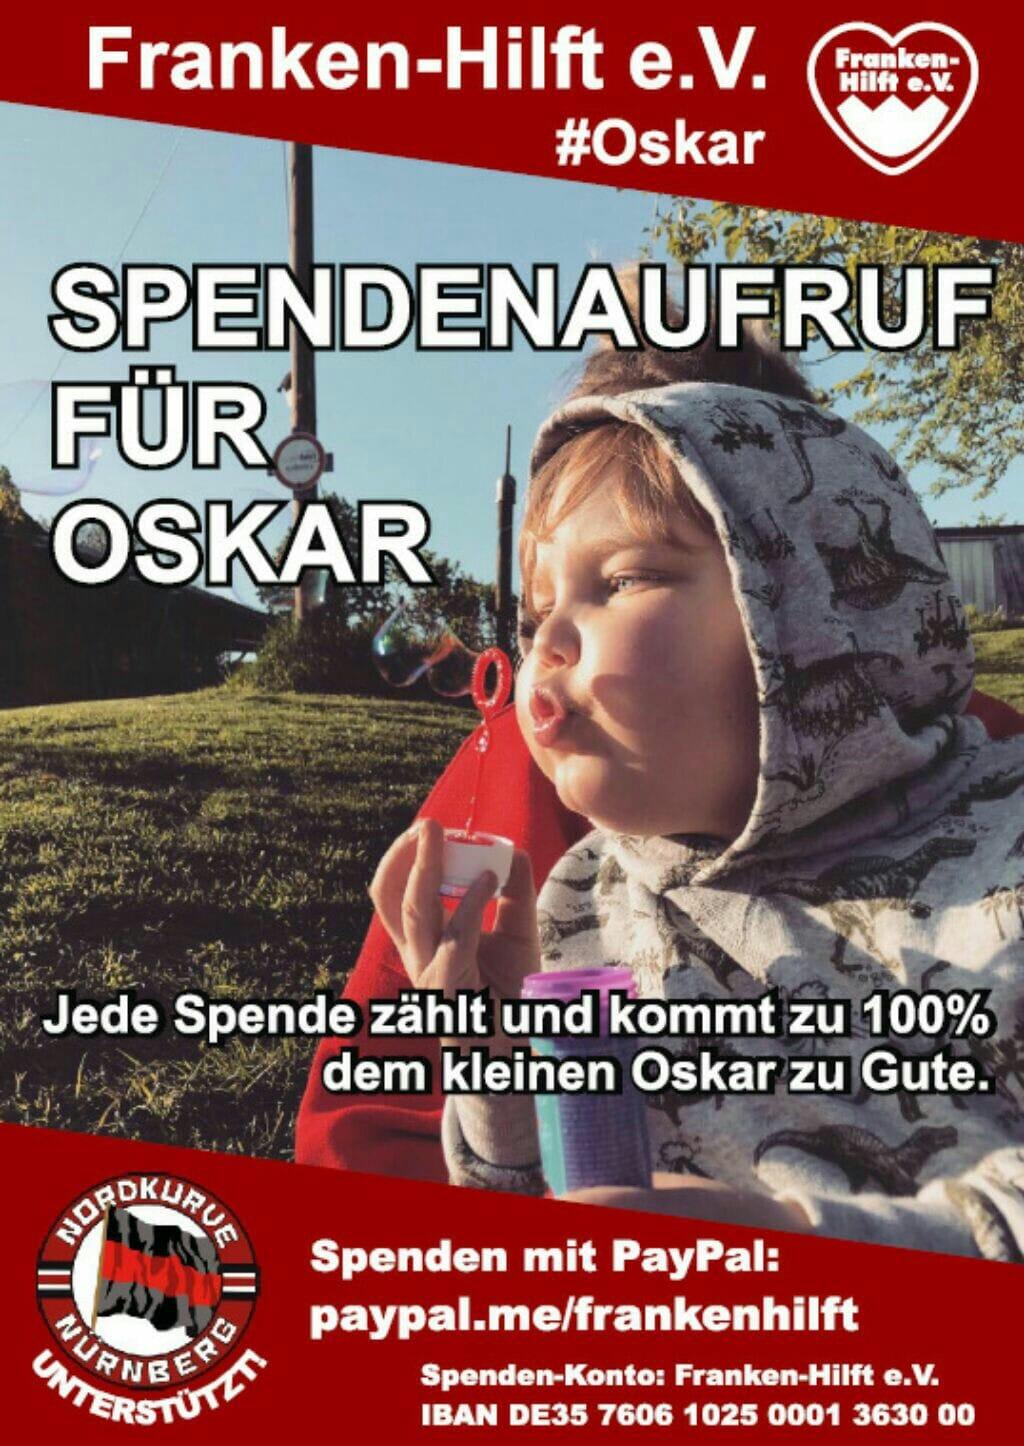 Becherspenden für den kleinen Oskar – helft alle mit!